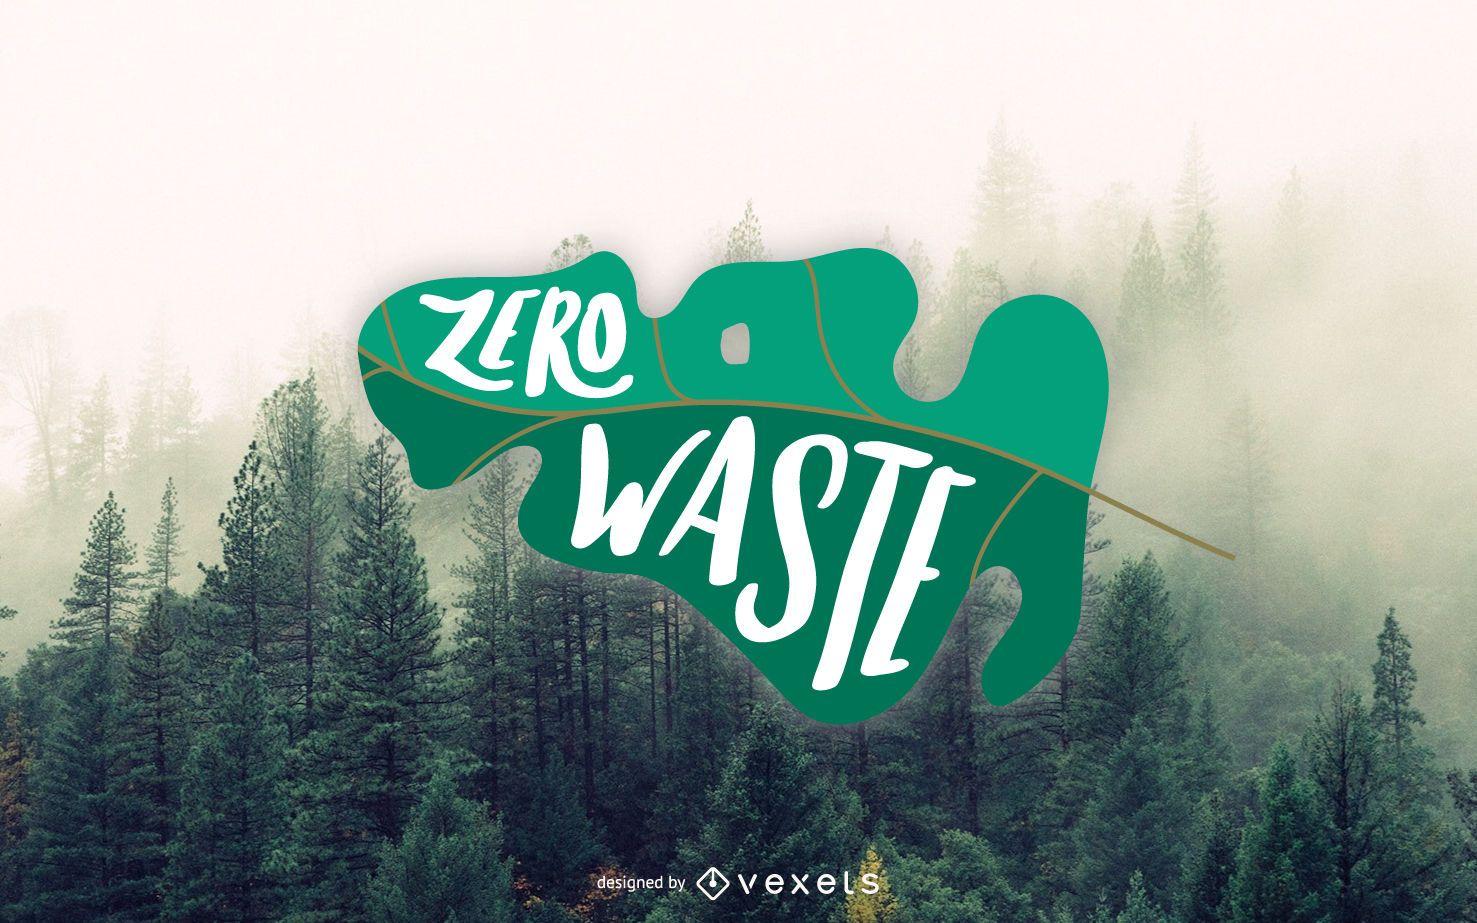 Diseño de letras Zero Waste